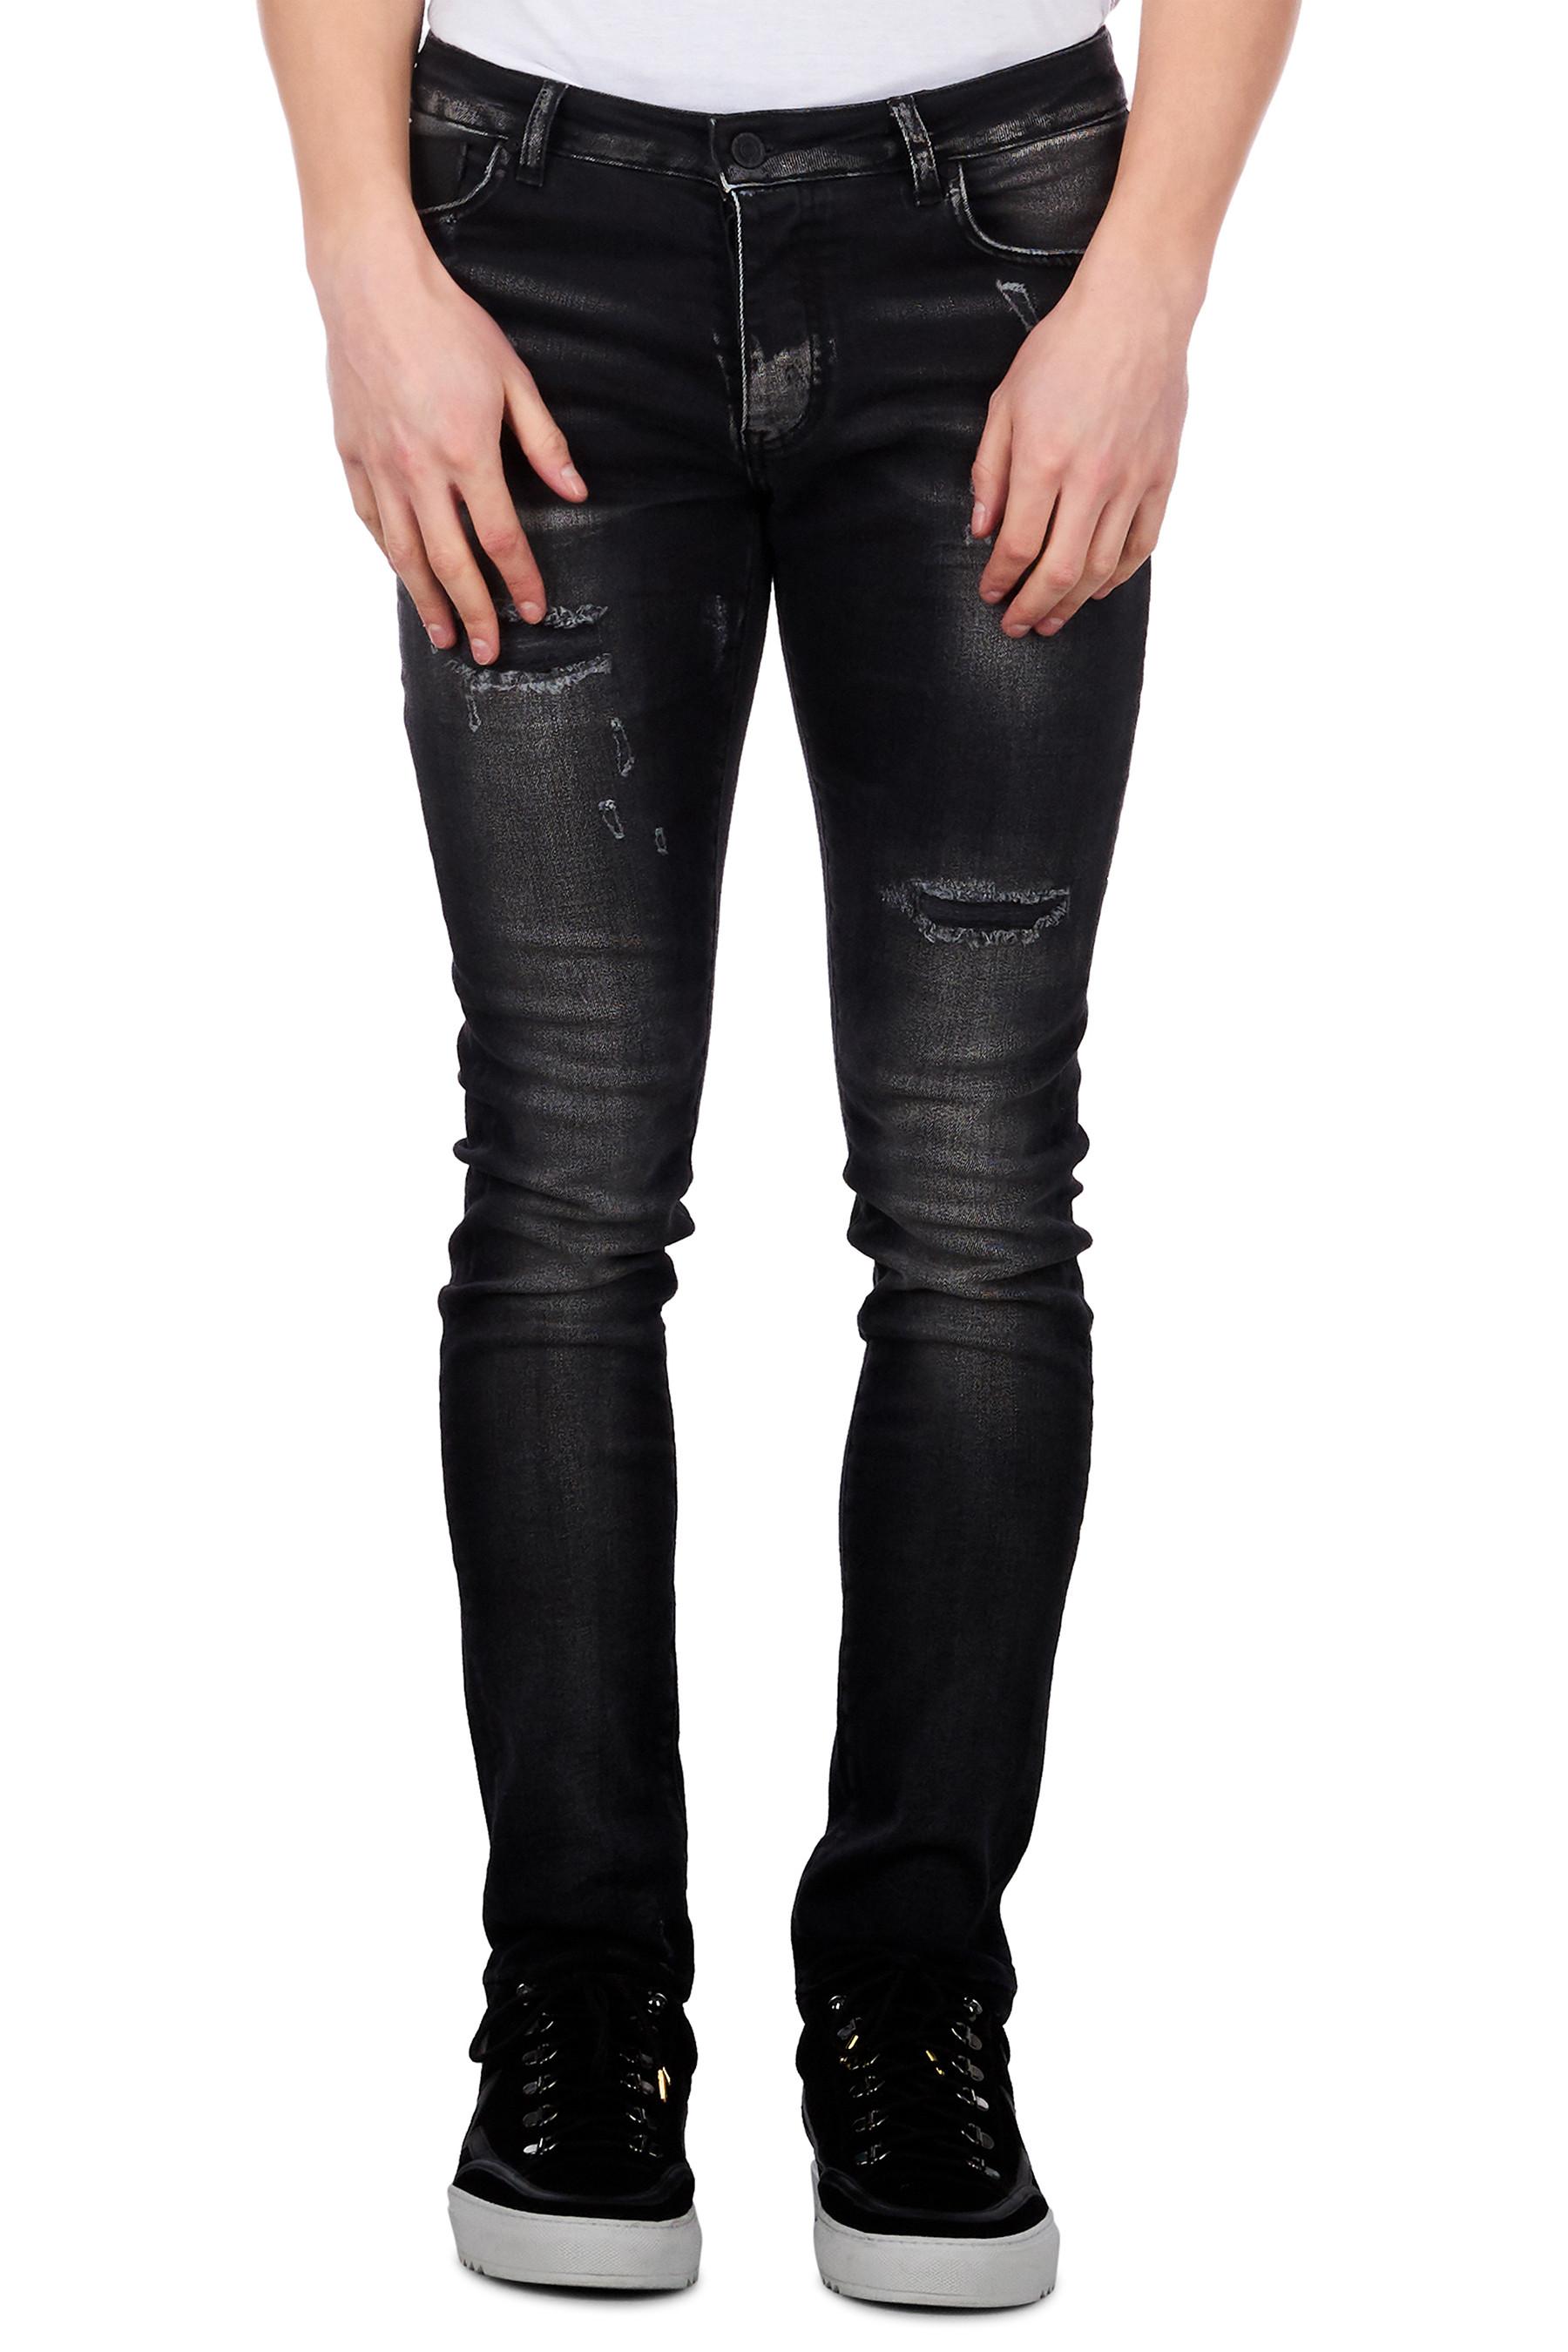 Afbeelding van Believe That Showtime jeans - zwart